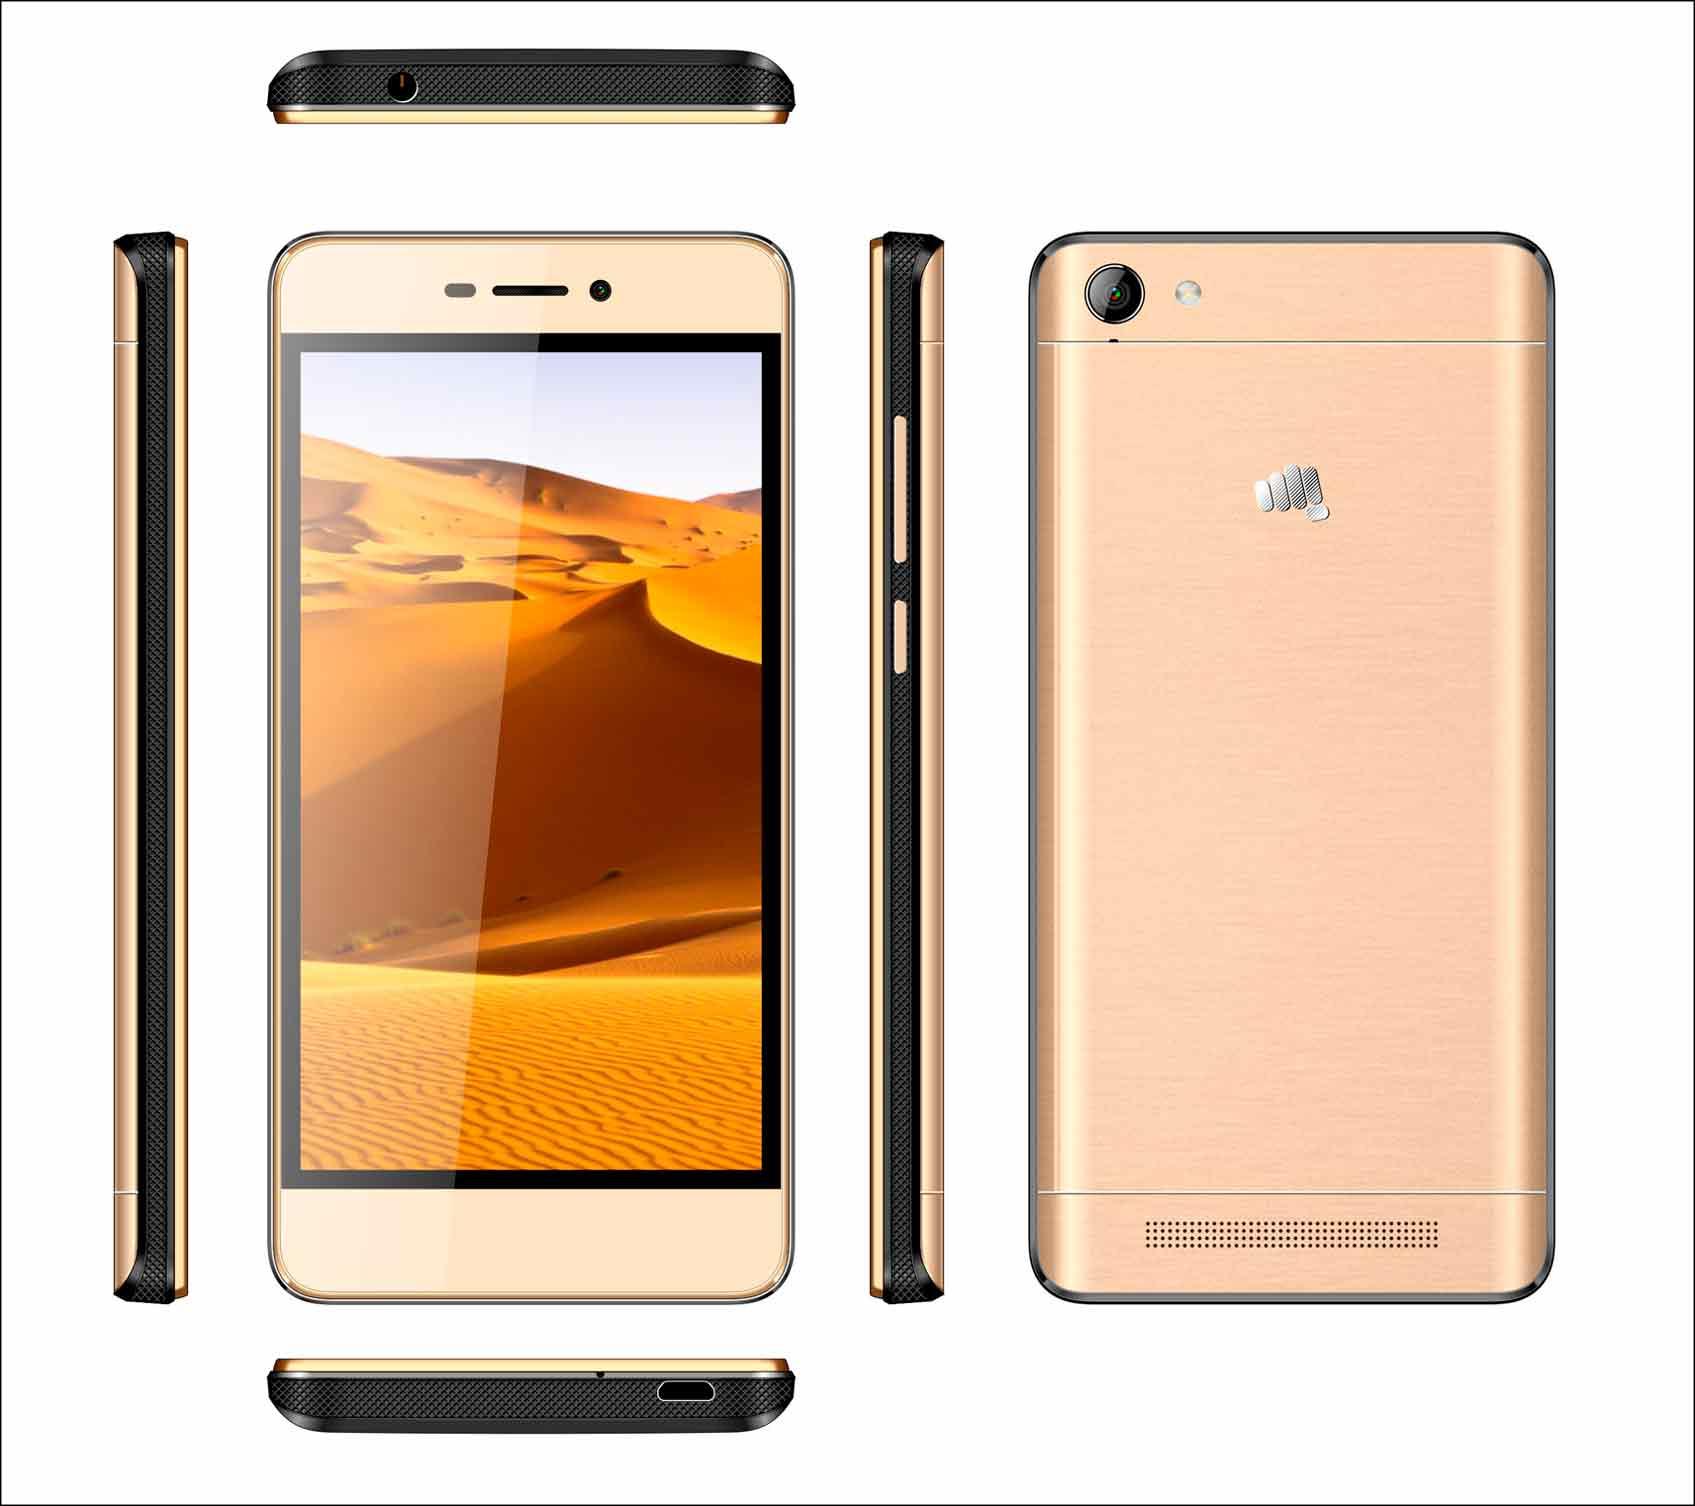 Micromax выпускает бюджетные мобильные телефоны Bolt Warrior 2 иCanvas Juice A1